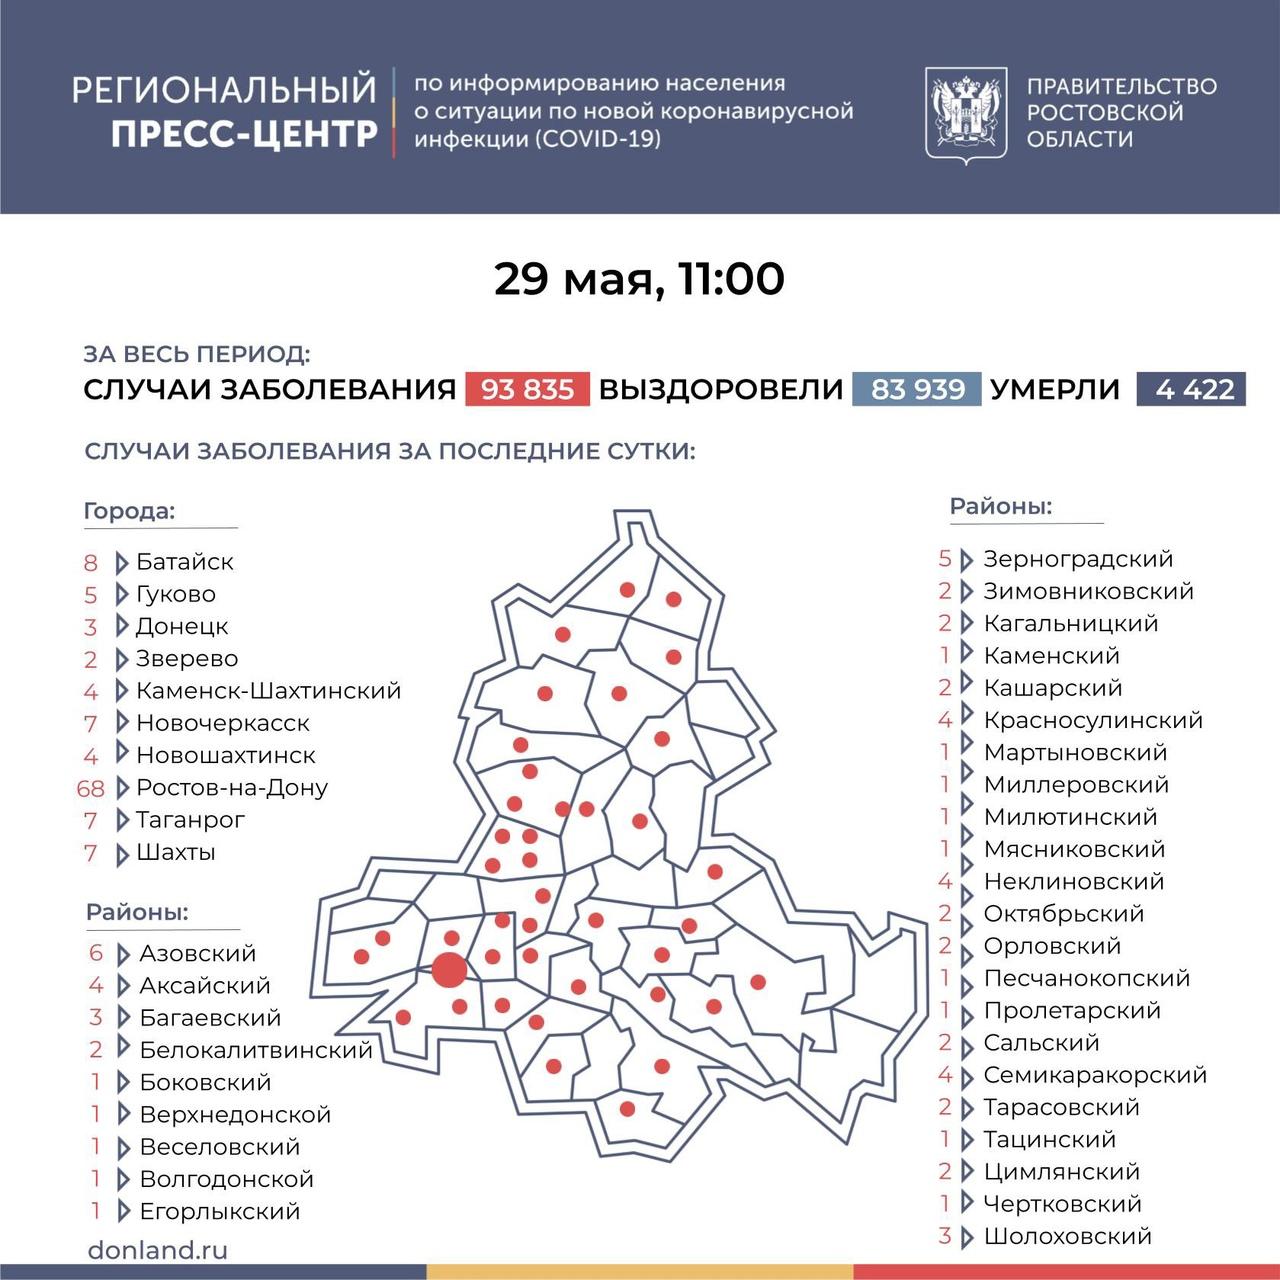 На Дону число инфицированных COVID-19 составляет 180, в Таганроге 7 новых случаев